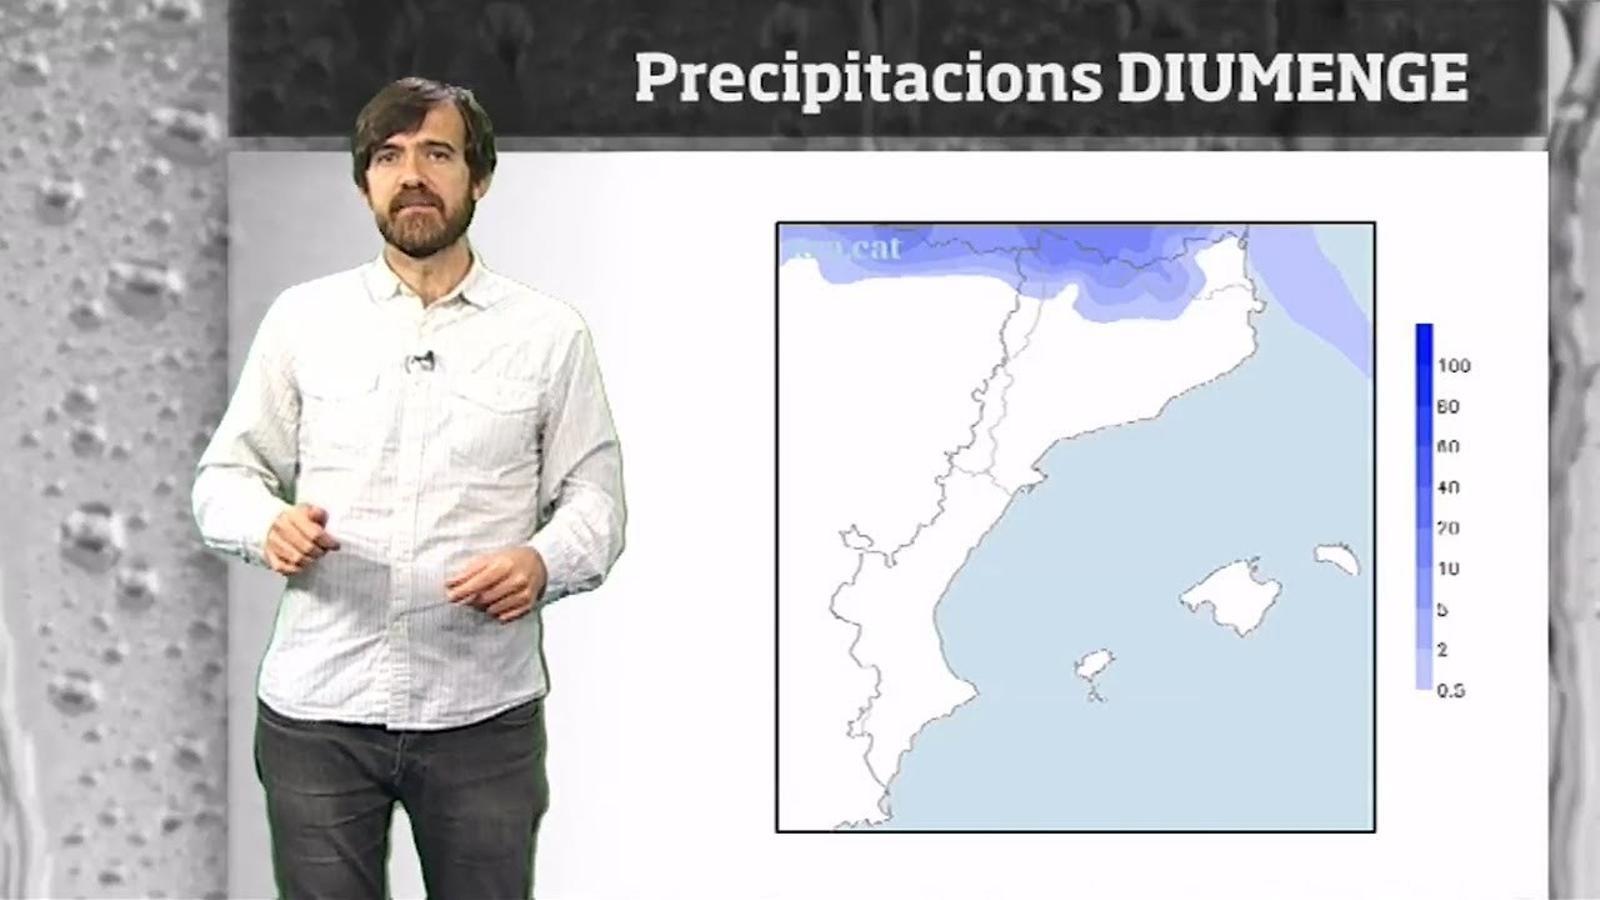 La méteo en 1 minut: pluja esporàdica a l'espera de més canvis de cara al cap de setmana